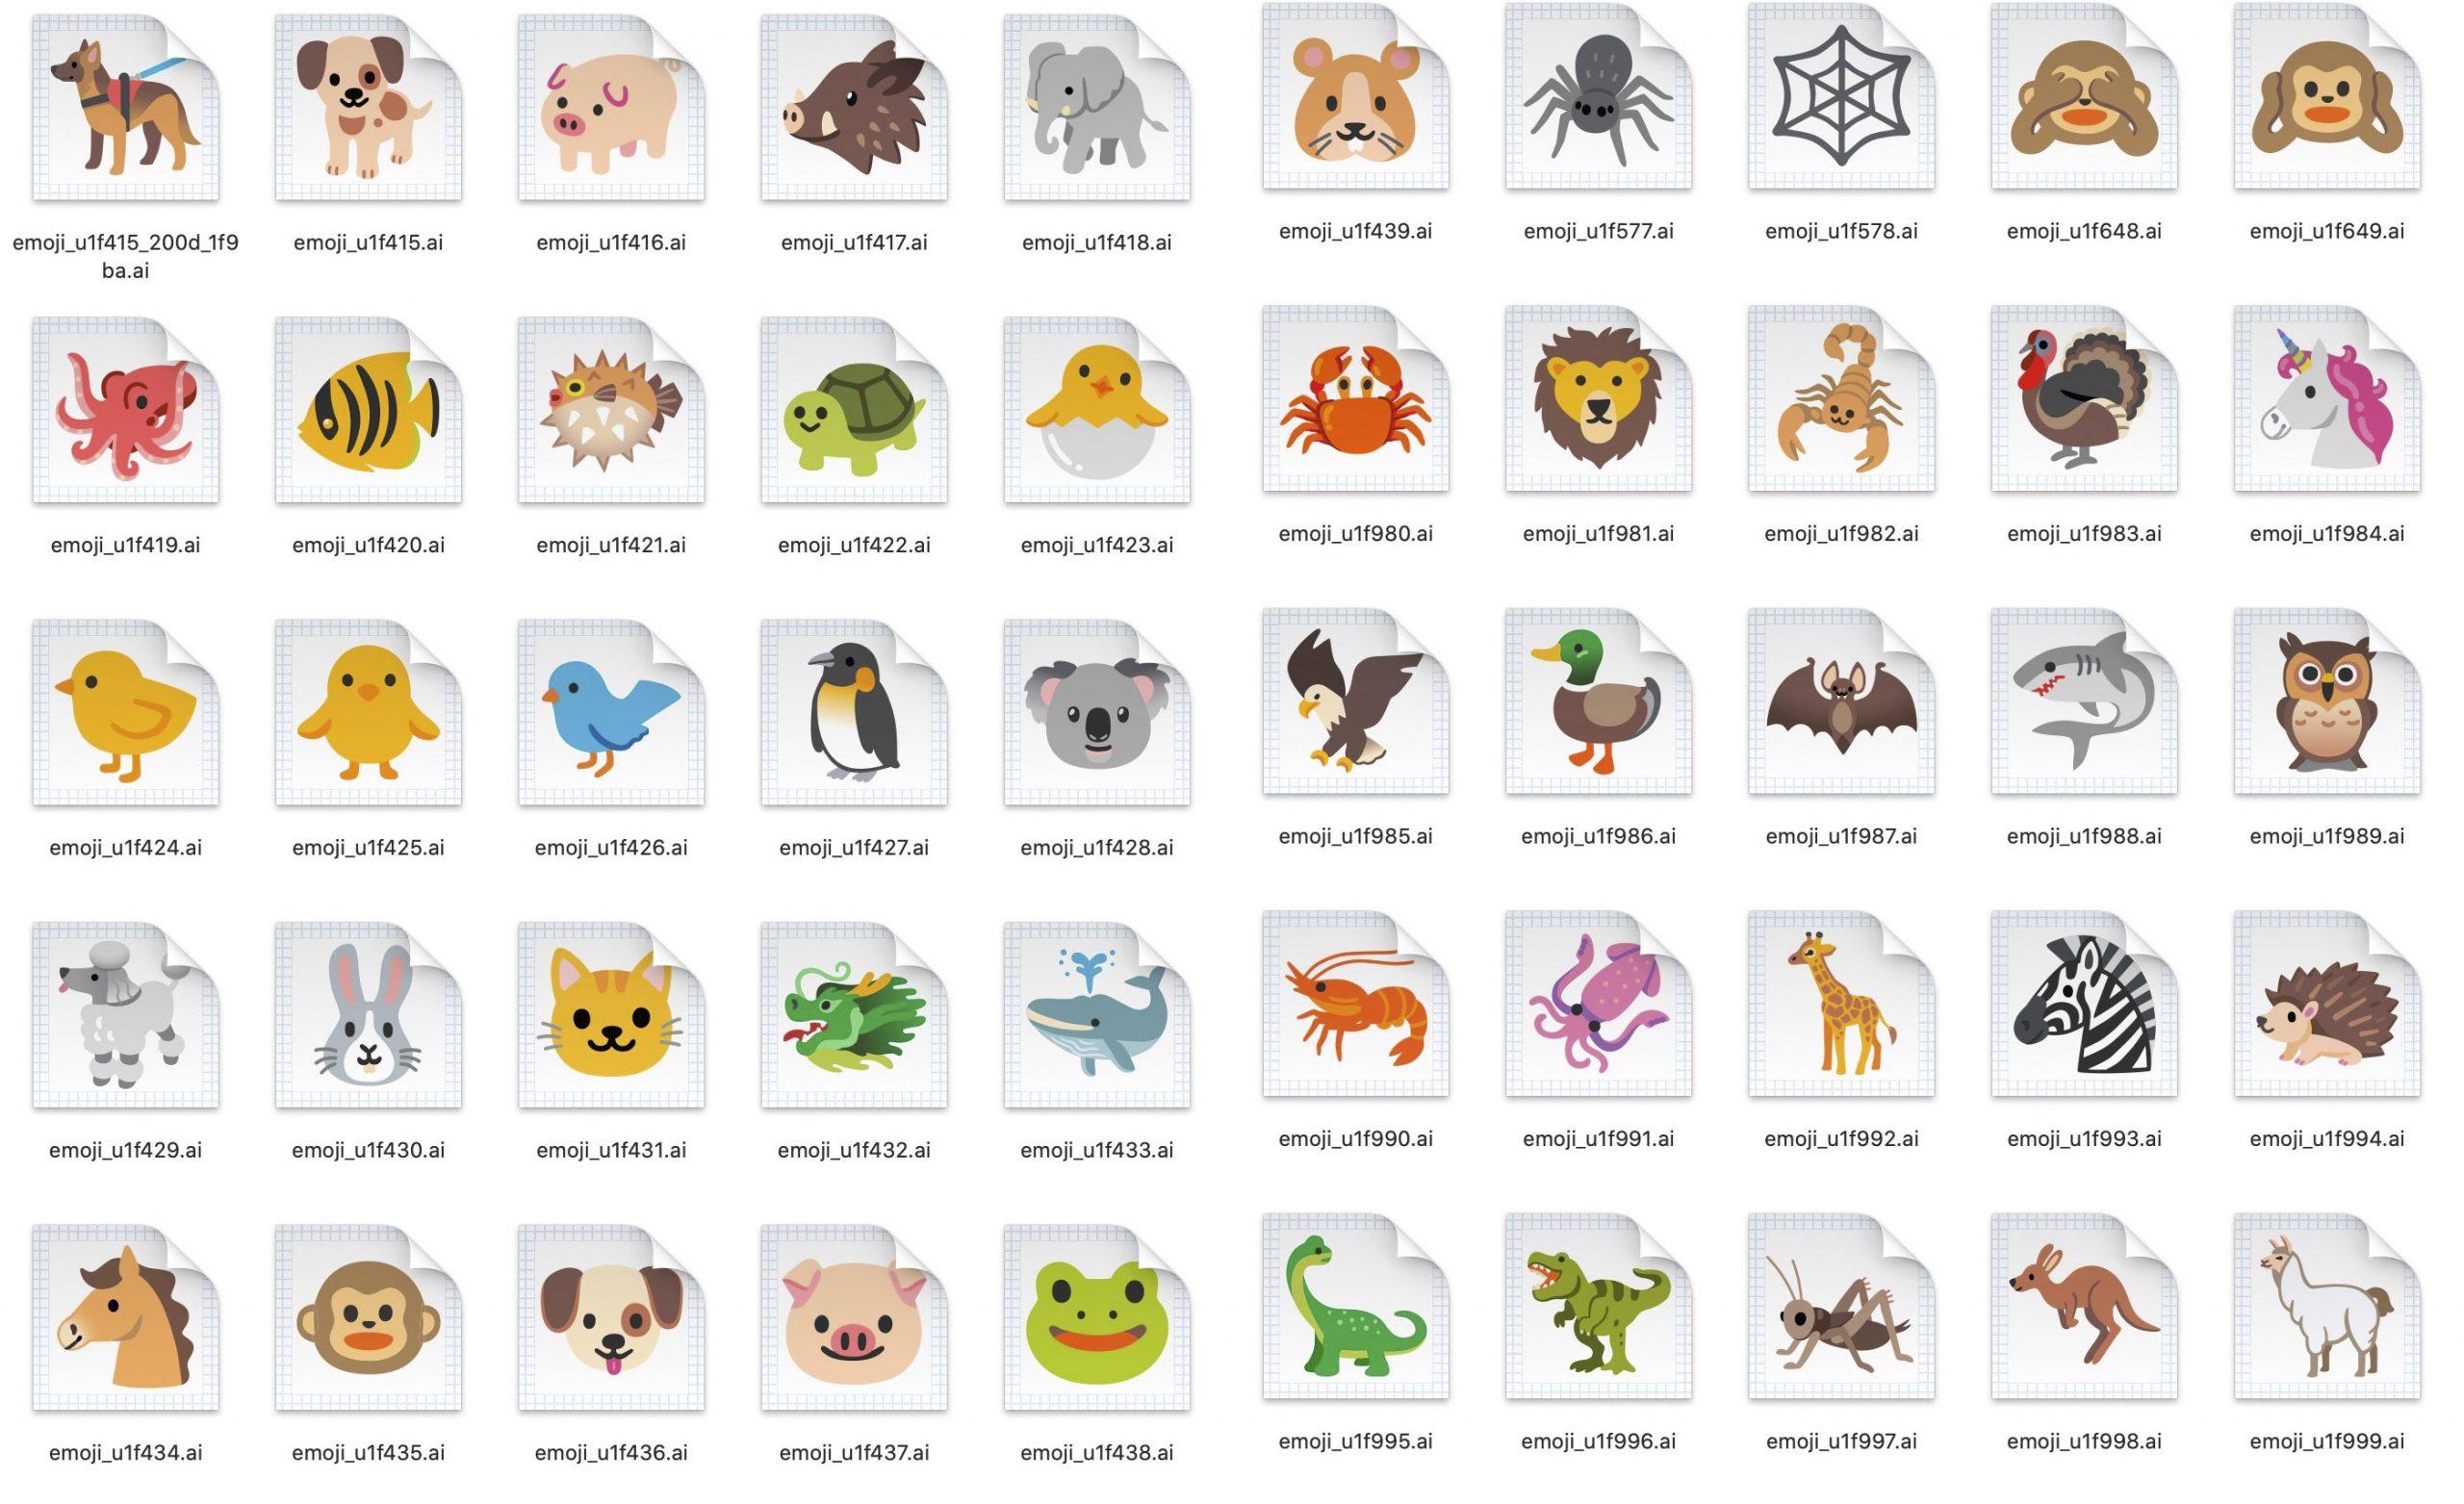 Animales emojis